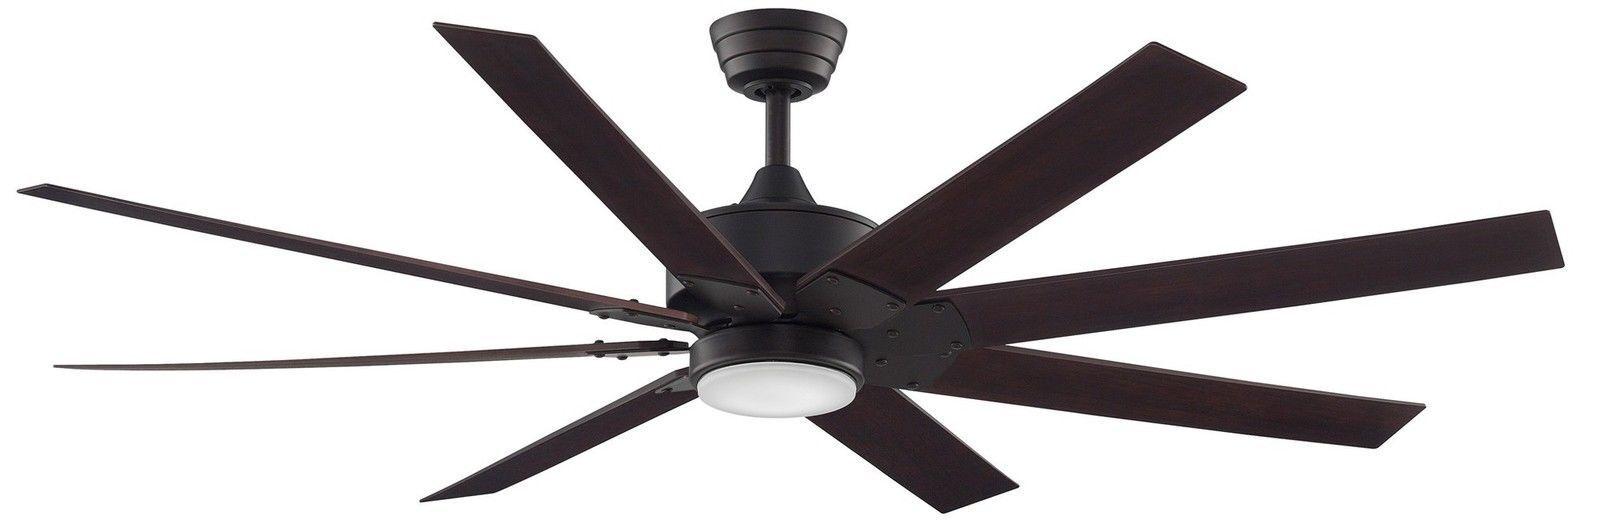 Dark Bronze Led Ceiling Fan